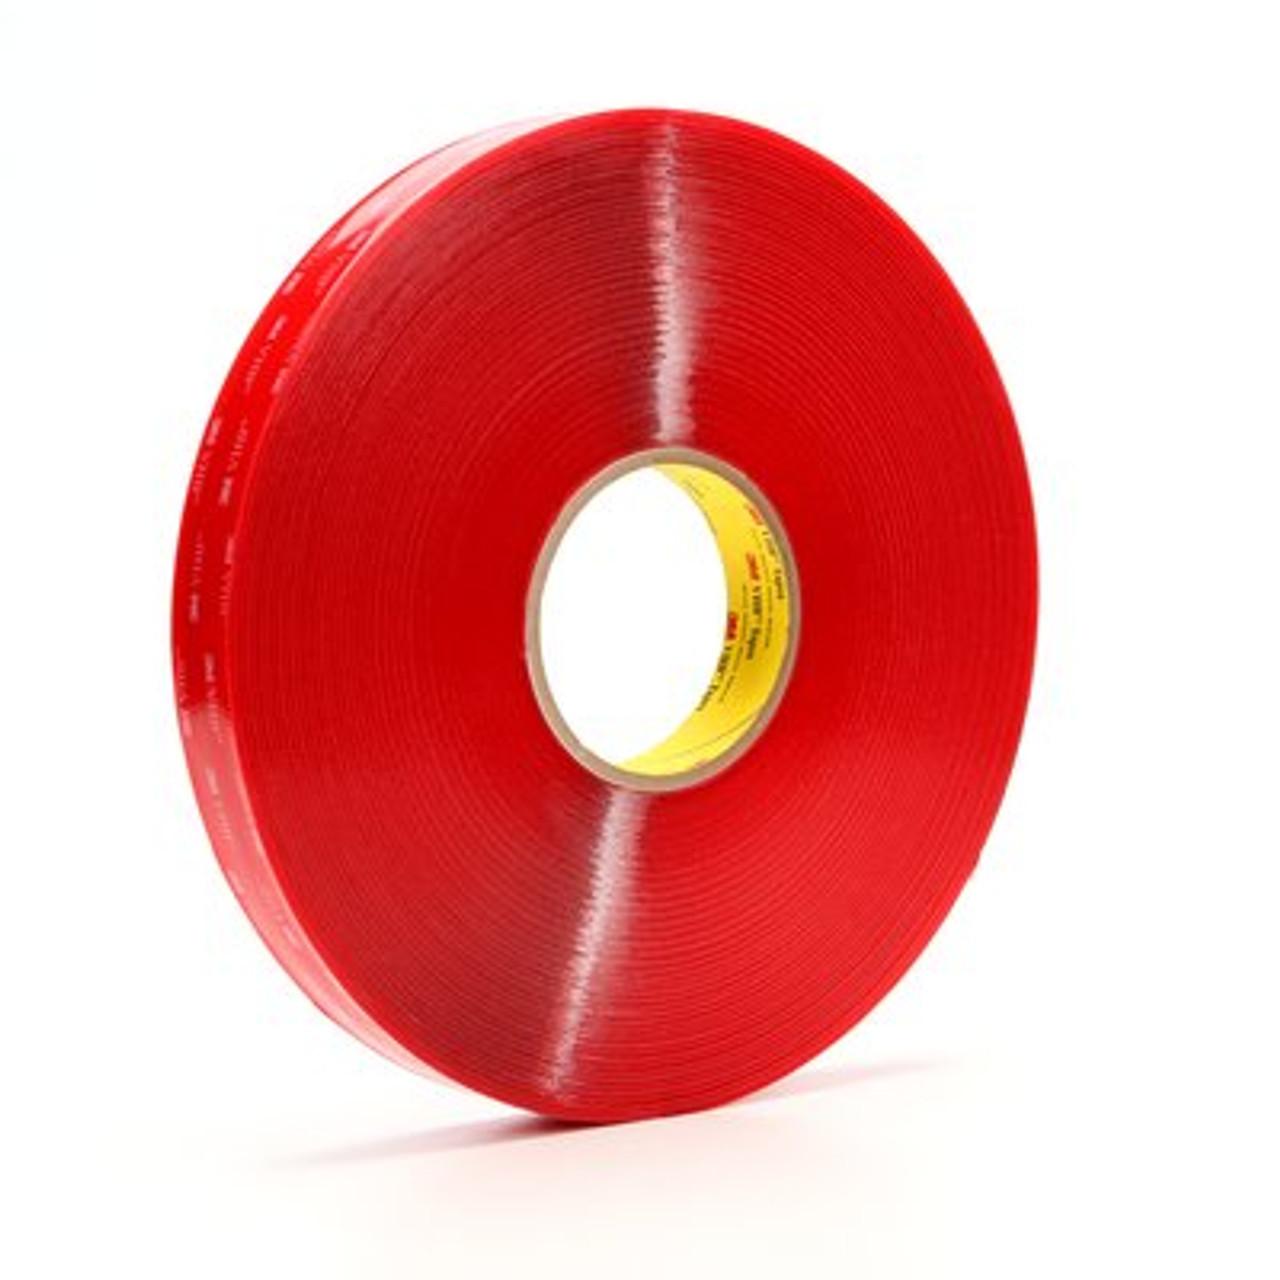 3M™ VHB™ Tape 4905 & 4910